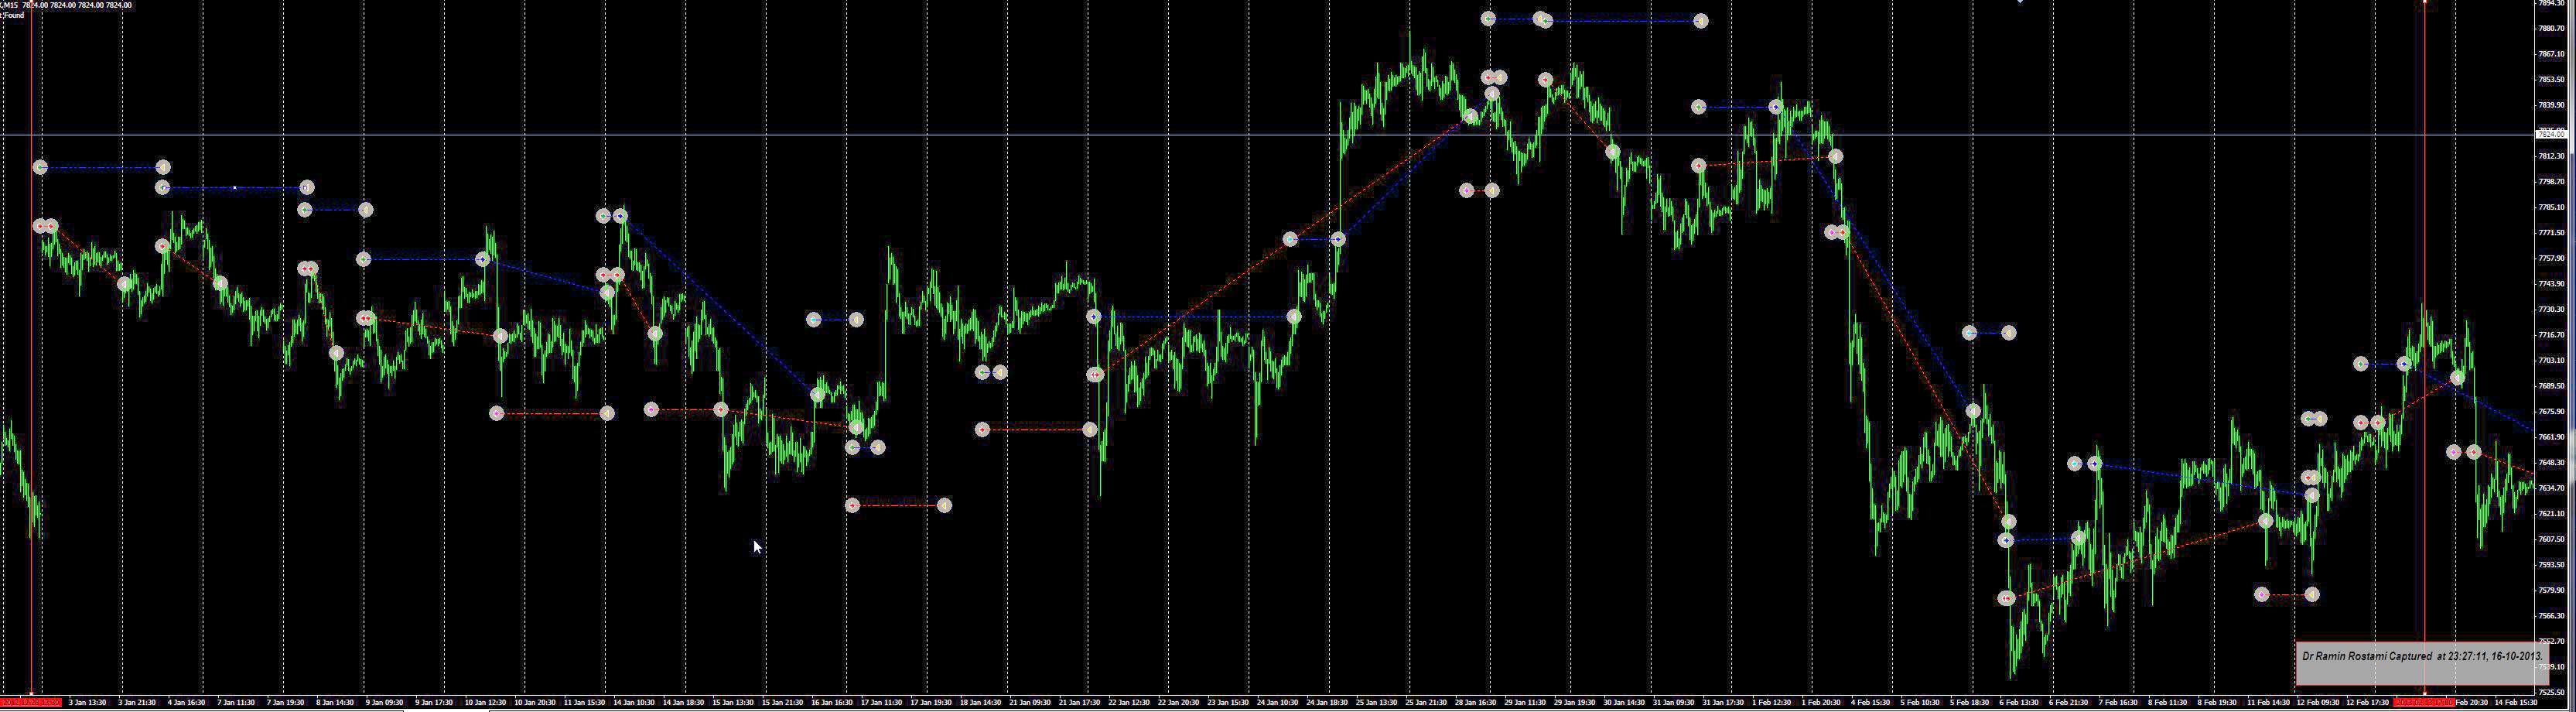 Berezhnoi trading system